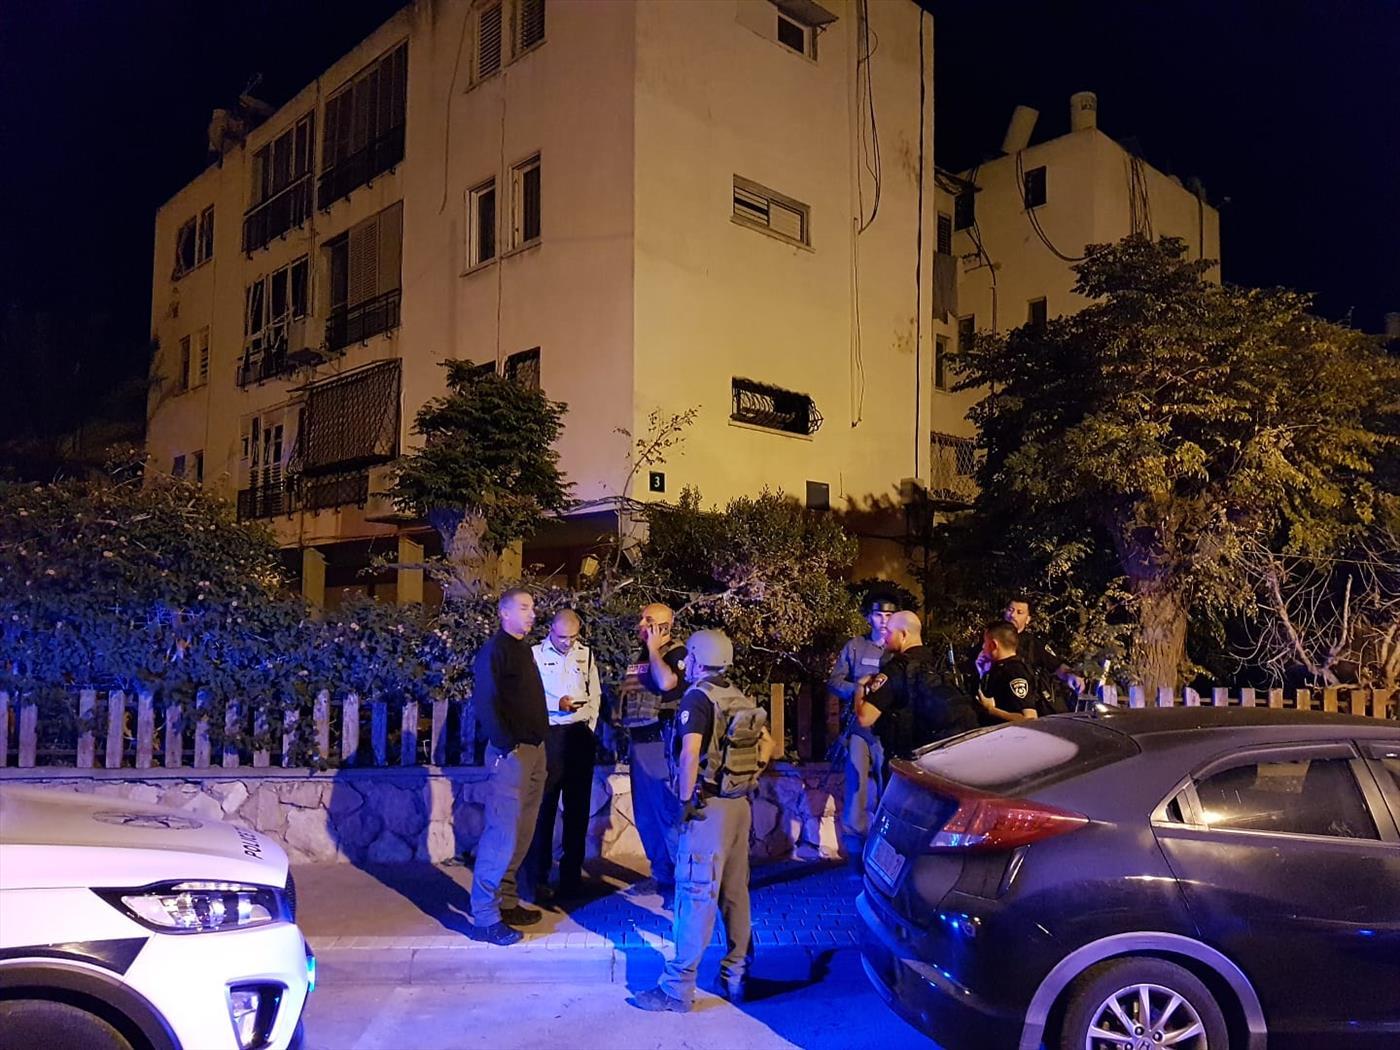 בית שנפגע מרקטה בעיר אשקלון אביב הרץ TPS